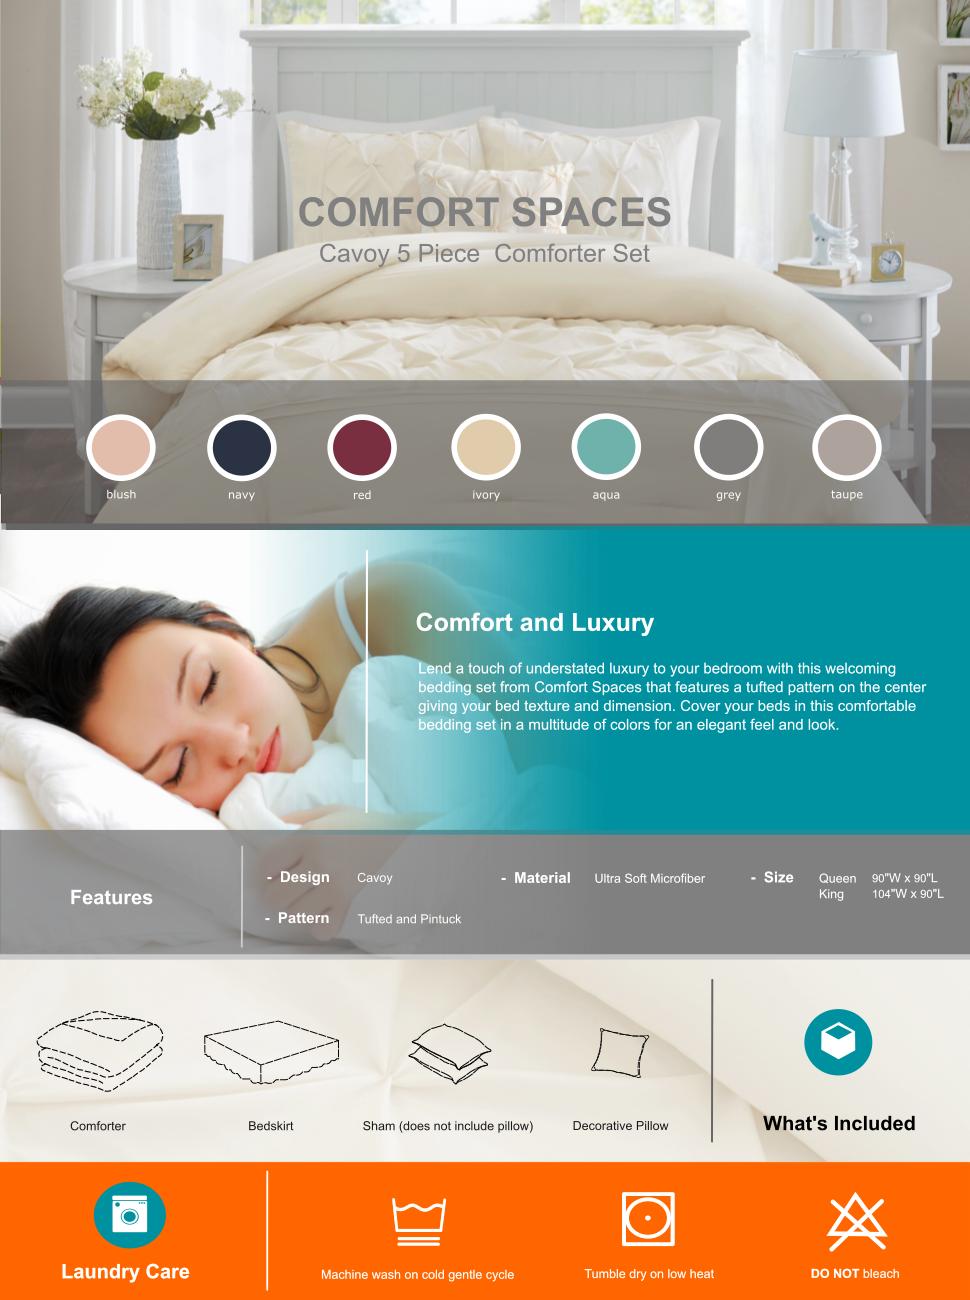 Comfort Spaces Cavoy Comforter Set 5 Piece